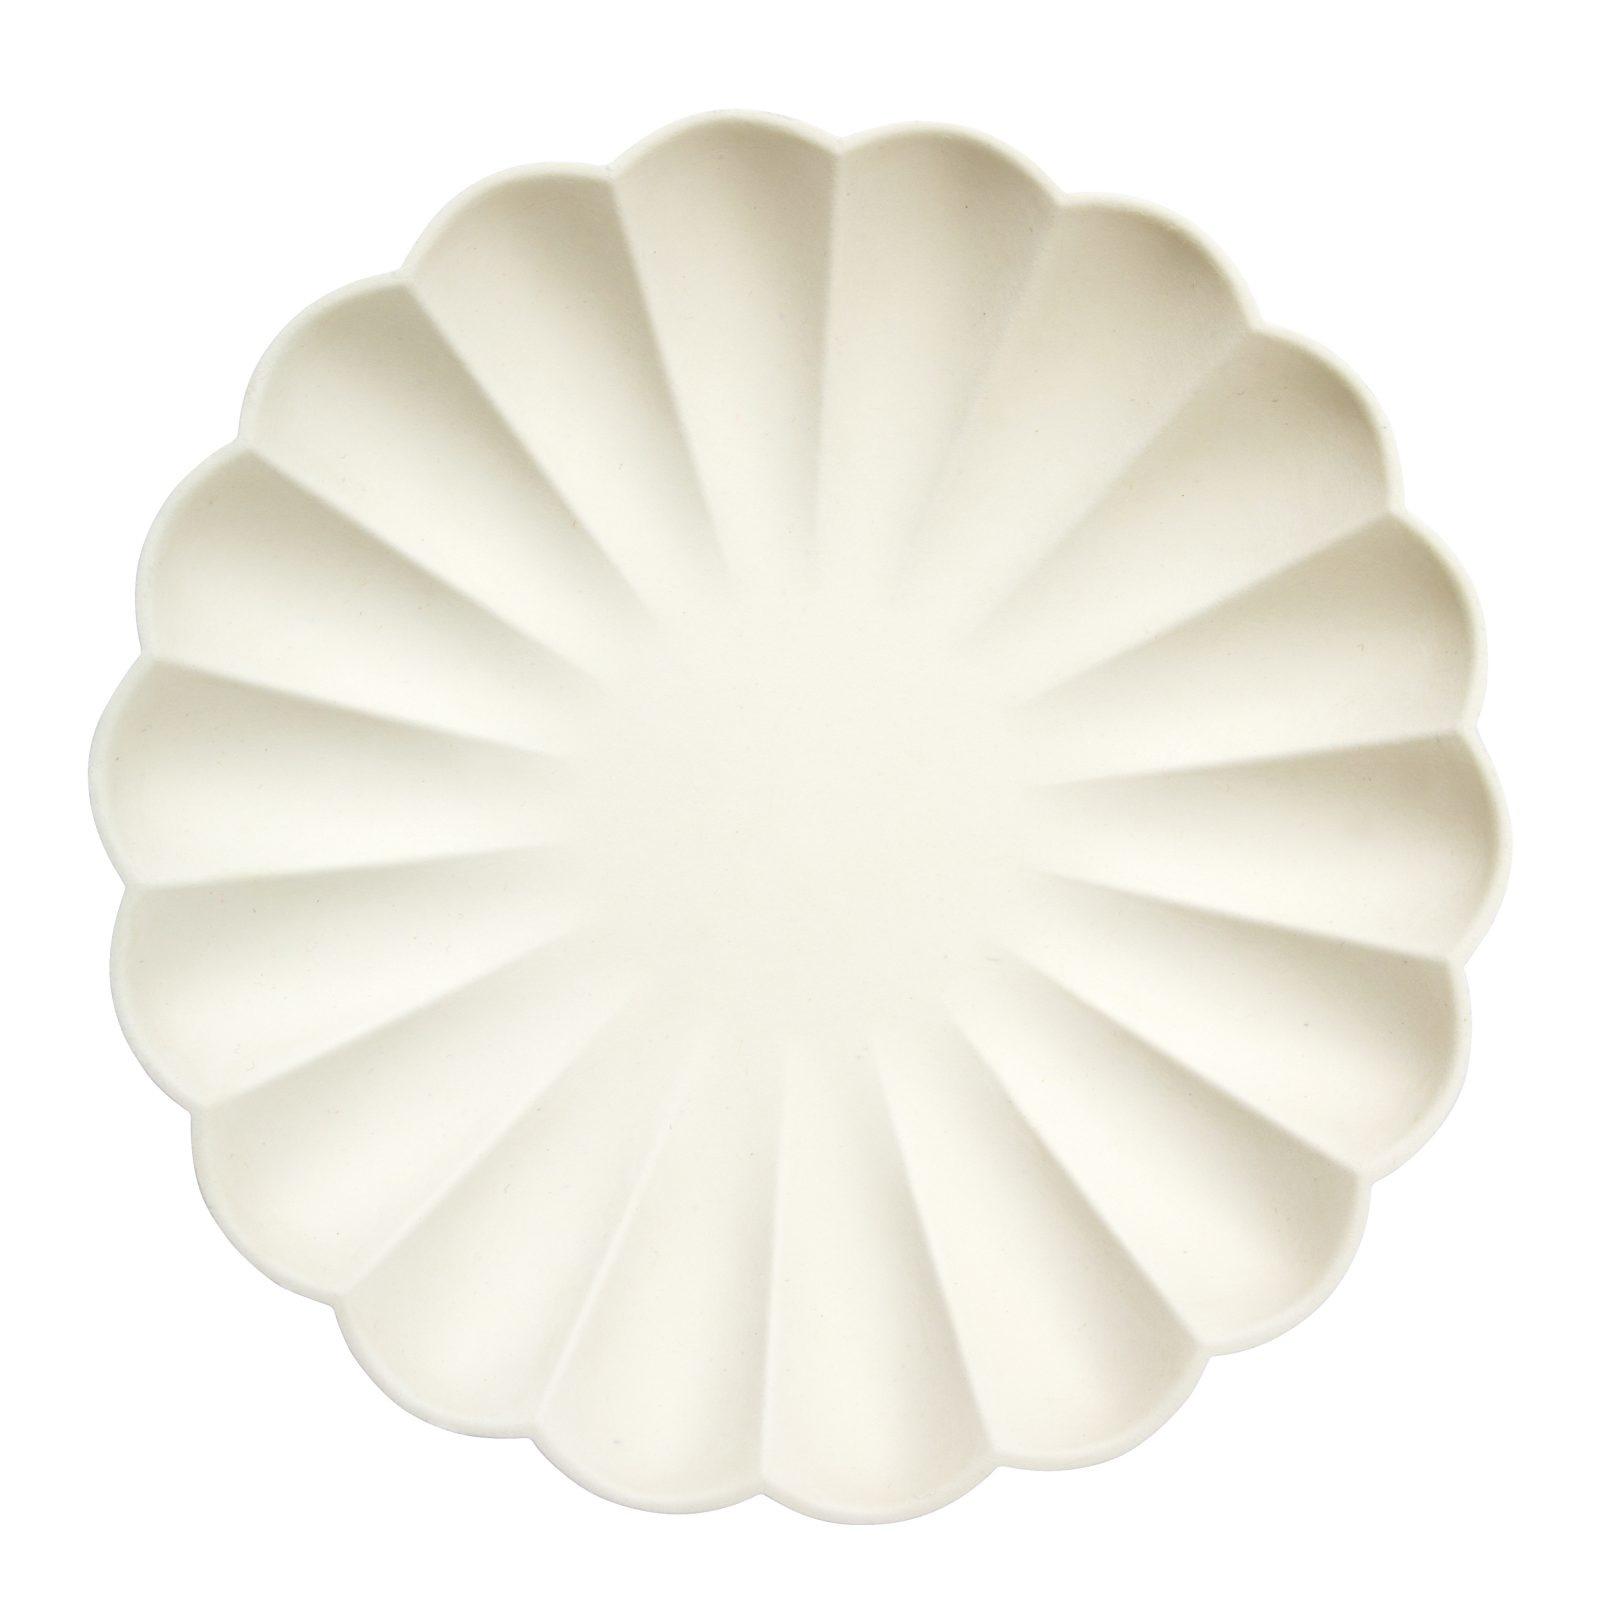 MERIMERI Cream simply eco plates L